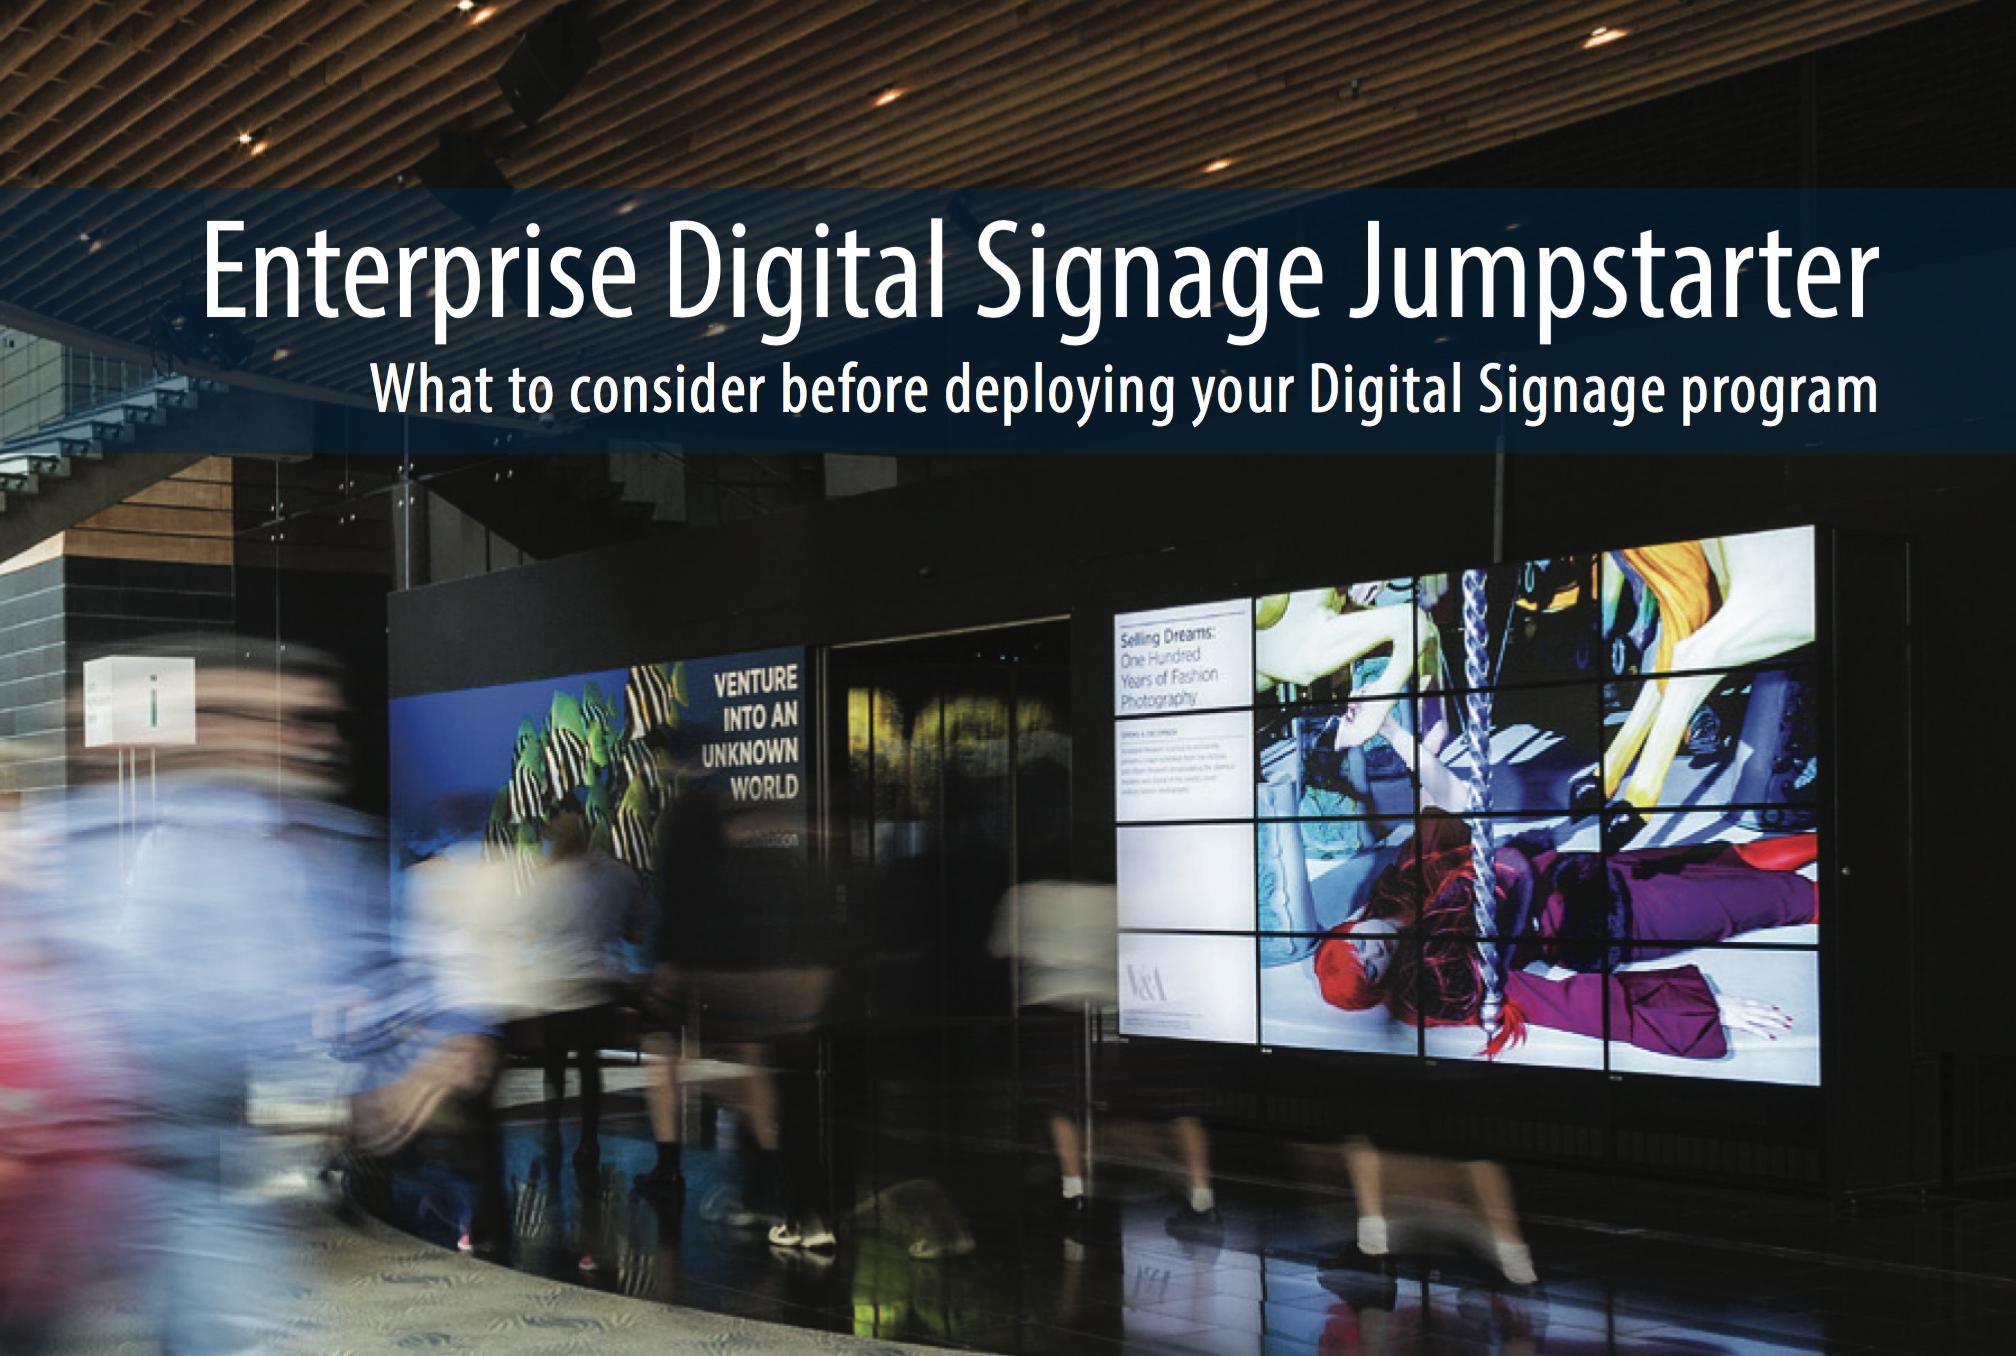 enterprise-digital-signage-jumpstarter.png